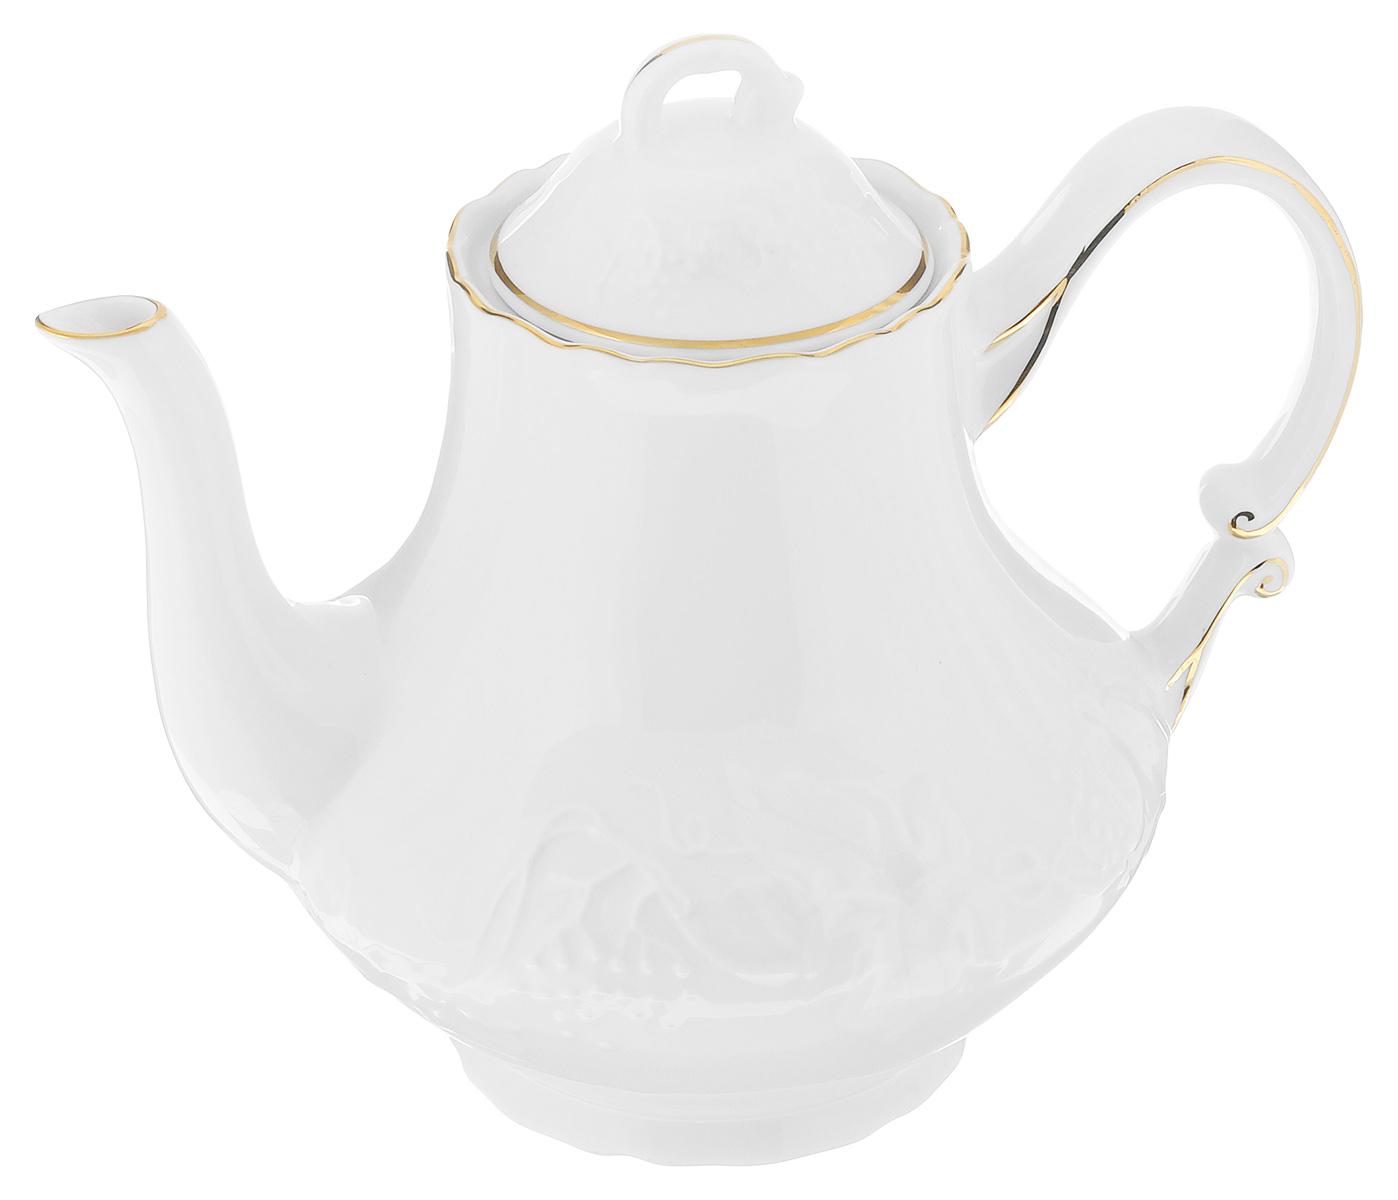 Чайник заварочный La Rose Des Sables Vendanges, цвет: белый, золотистый, 1 л115510Чайник заварочный La Rose Des Sables Vendanges, изготовленный из высококачественного фарфора, предназначен для красивой подачи чая. Чайник оформлен рельефным изображением цветов. Прекрасный дизайн изделия идеально подойдет для сервировки стола.Диаметр по верхнему краю: 8 см. Высота (без учета крышки): 15,5 см.